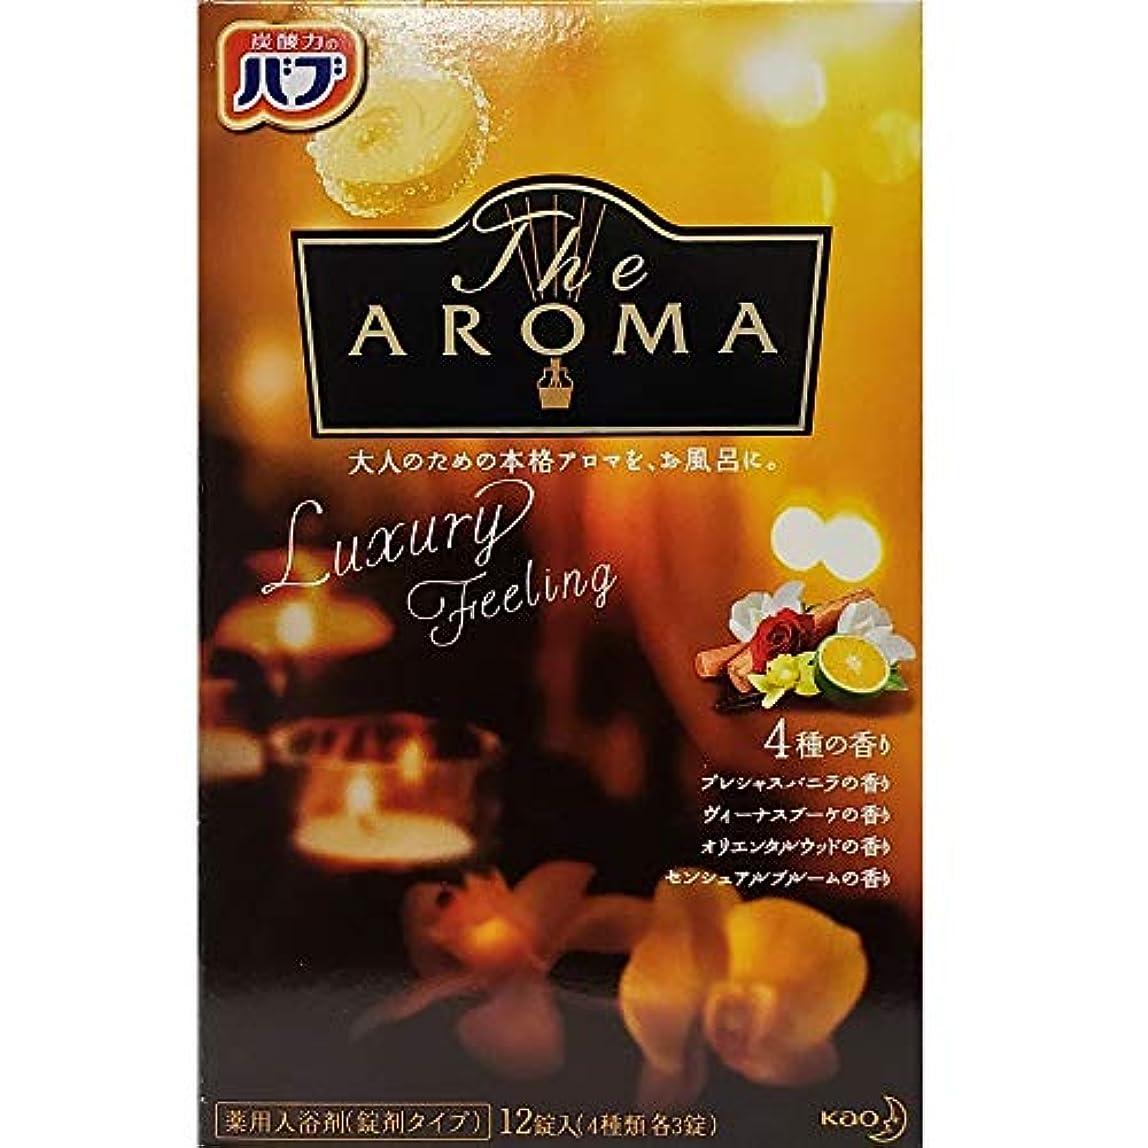 アプライアンスベリー興味バブ The Aroma Luxury Feeling 40g×12錠(4種類 各3錠) 医薬部外品